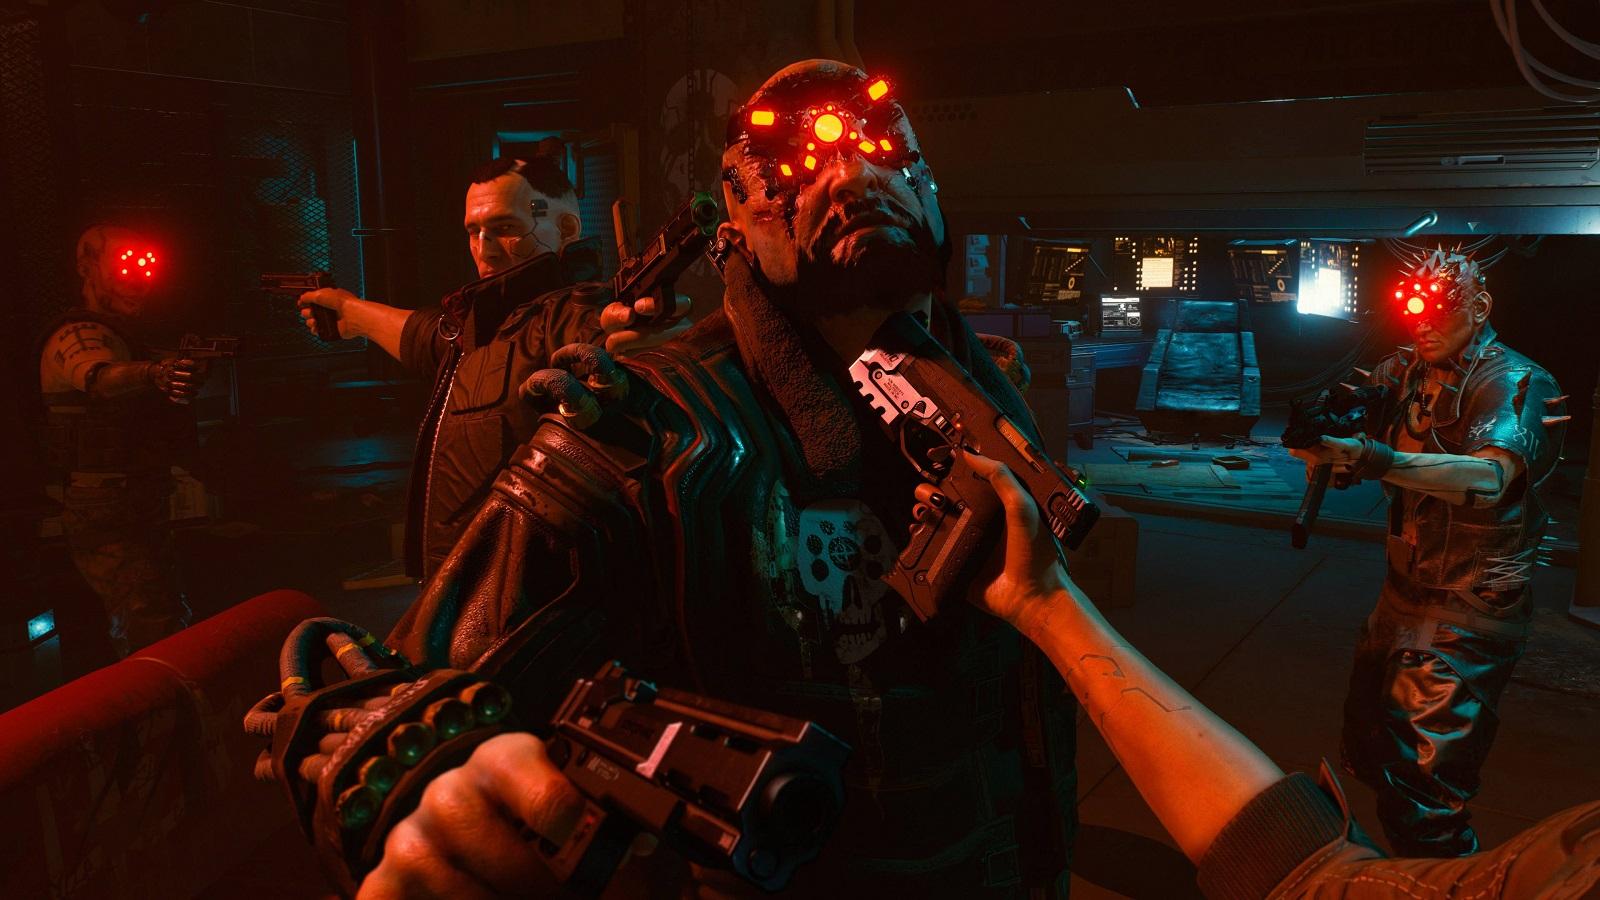 «Вы ещё толком ничего не видели»: разработчик Cyberpunk 2077 призвал не переживать насчёт вырезанного контента